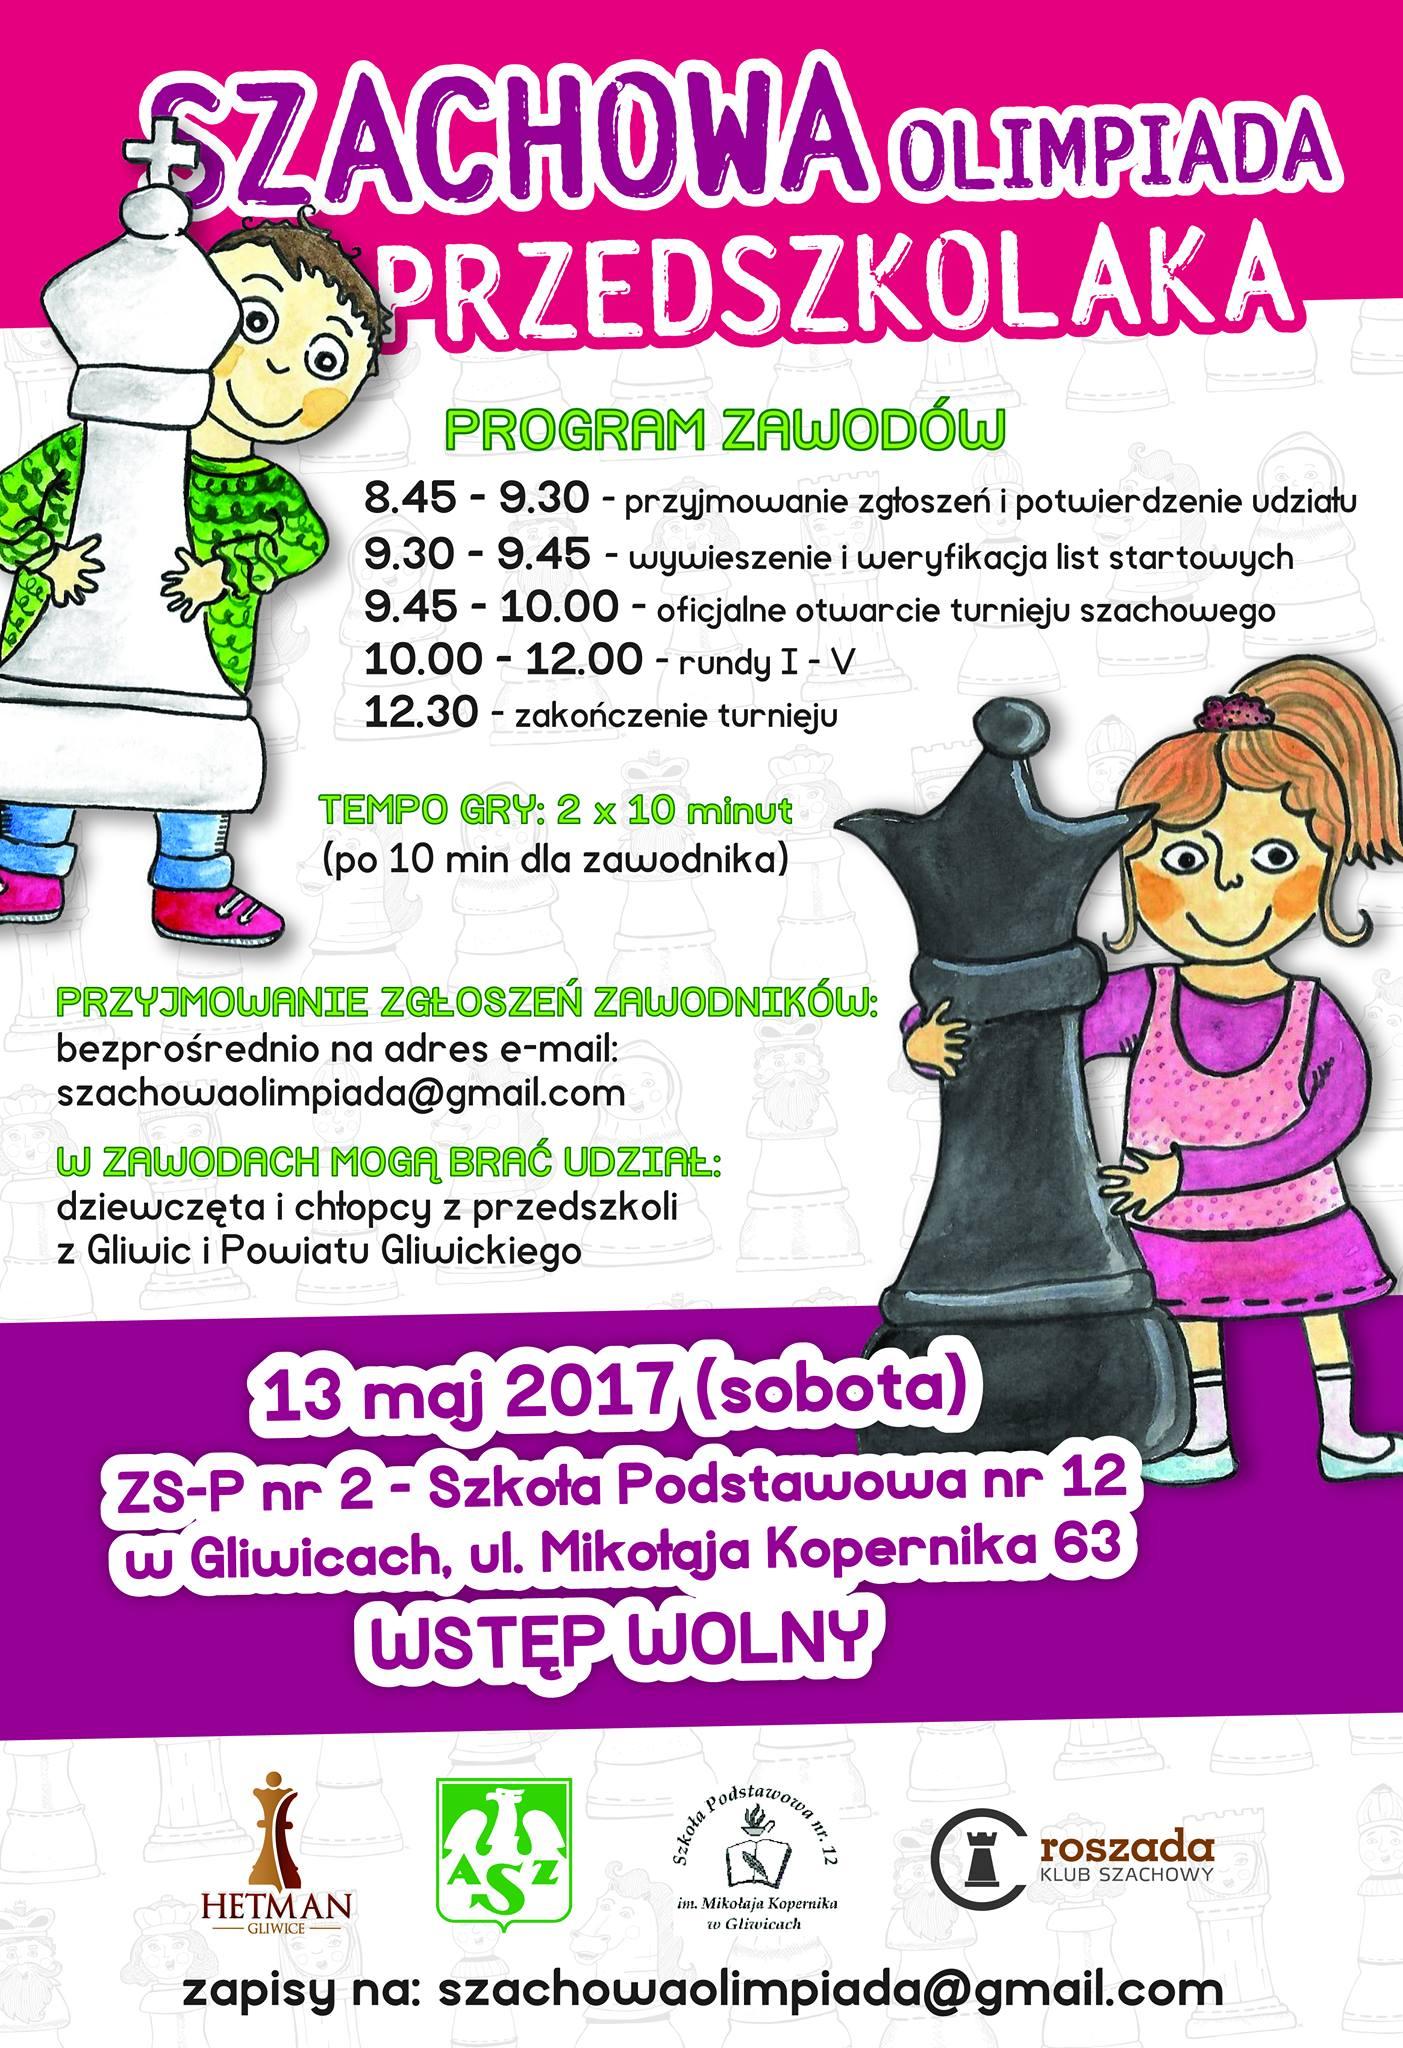 Współpraca z Hetman Gliwice, plakat promujący Szachową Olimpiadę Przedszkolaka